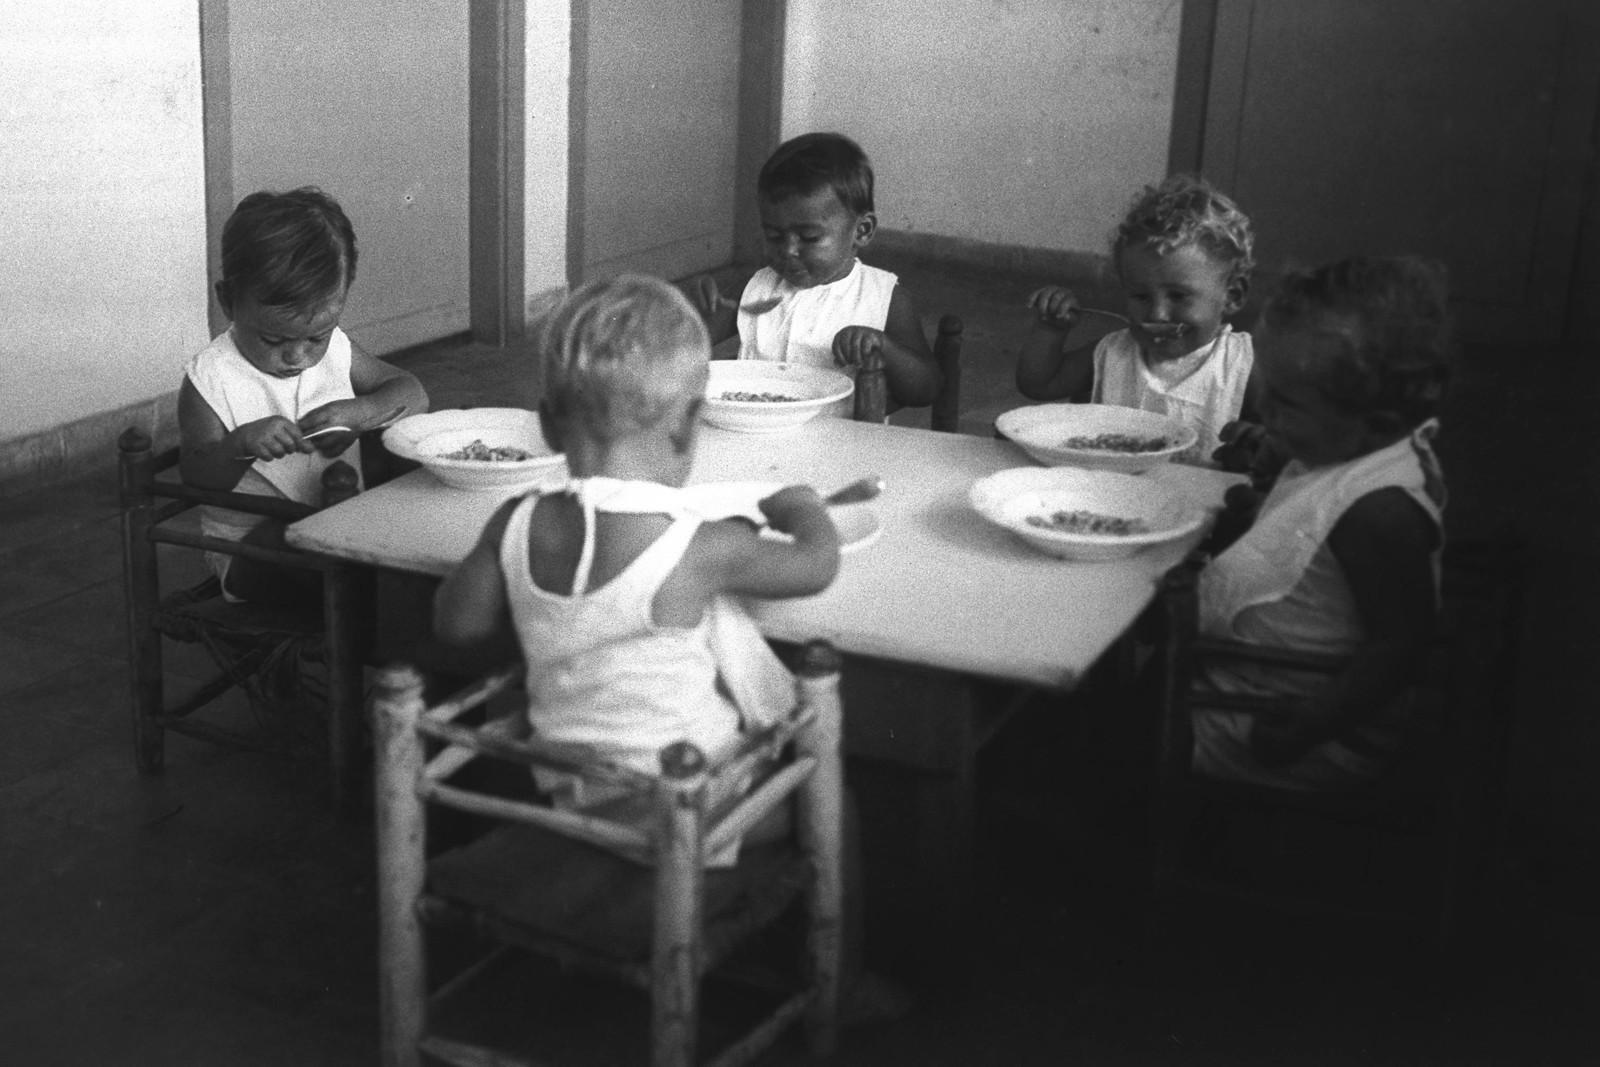 1935. Кибуц Маабарот. Первые дети кибуца в детском саду